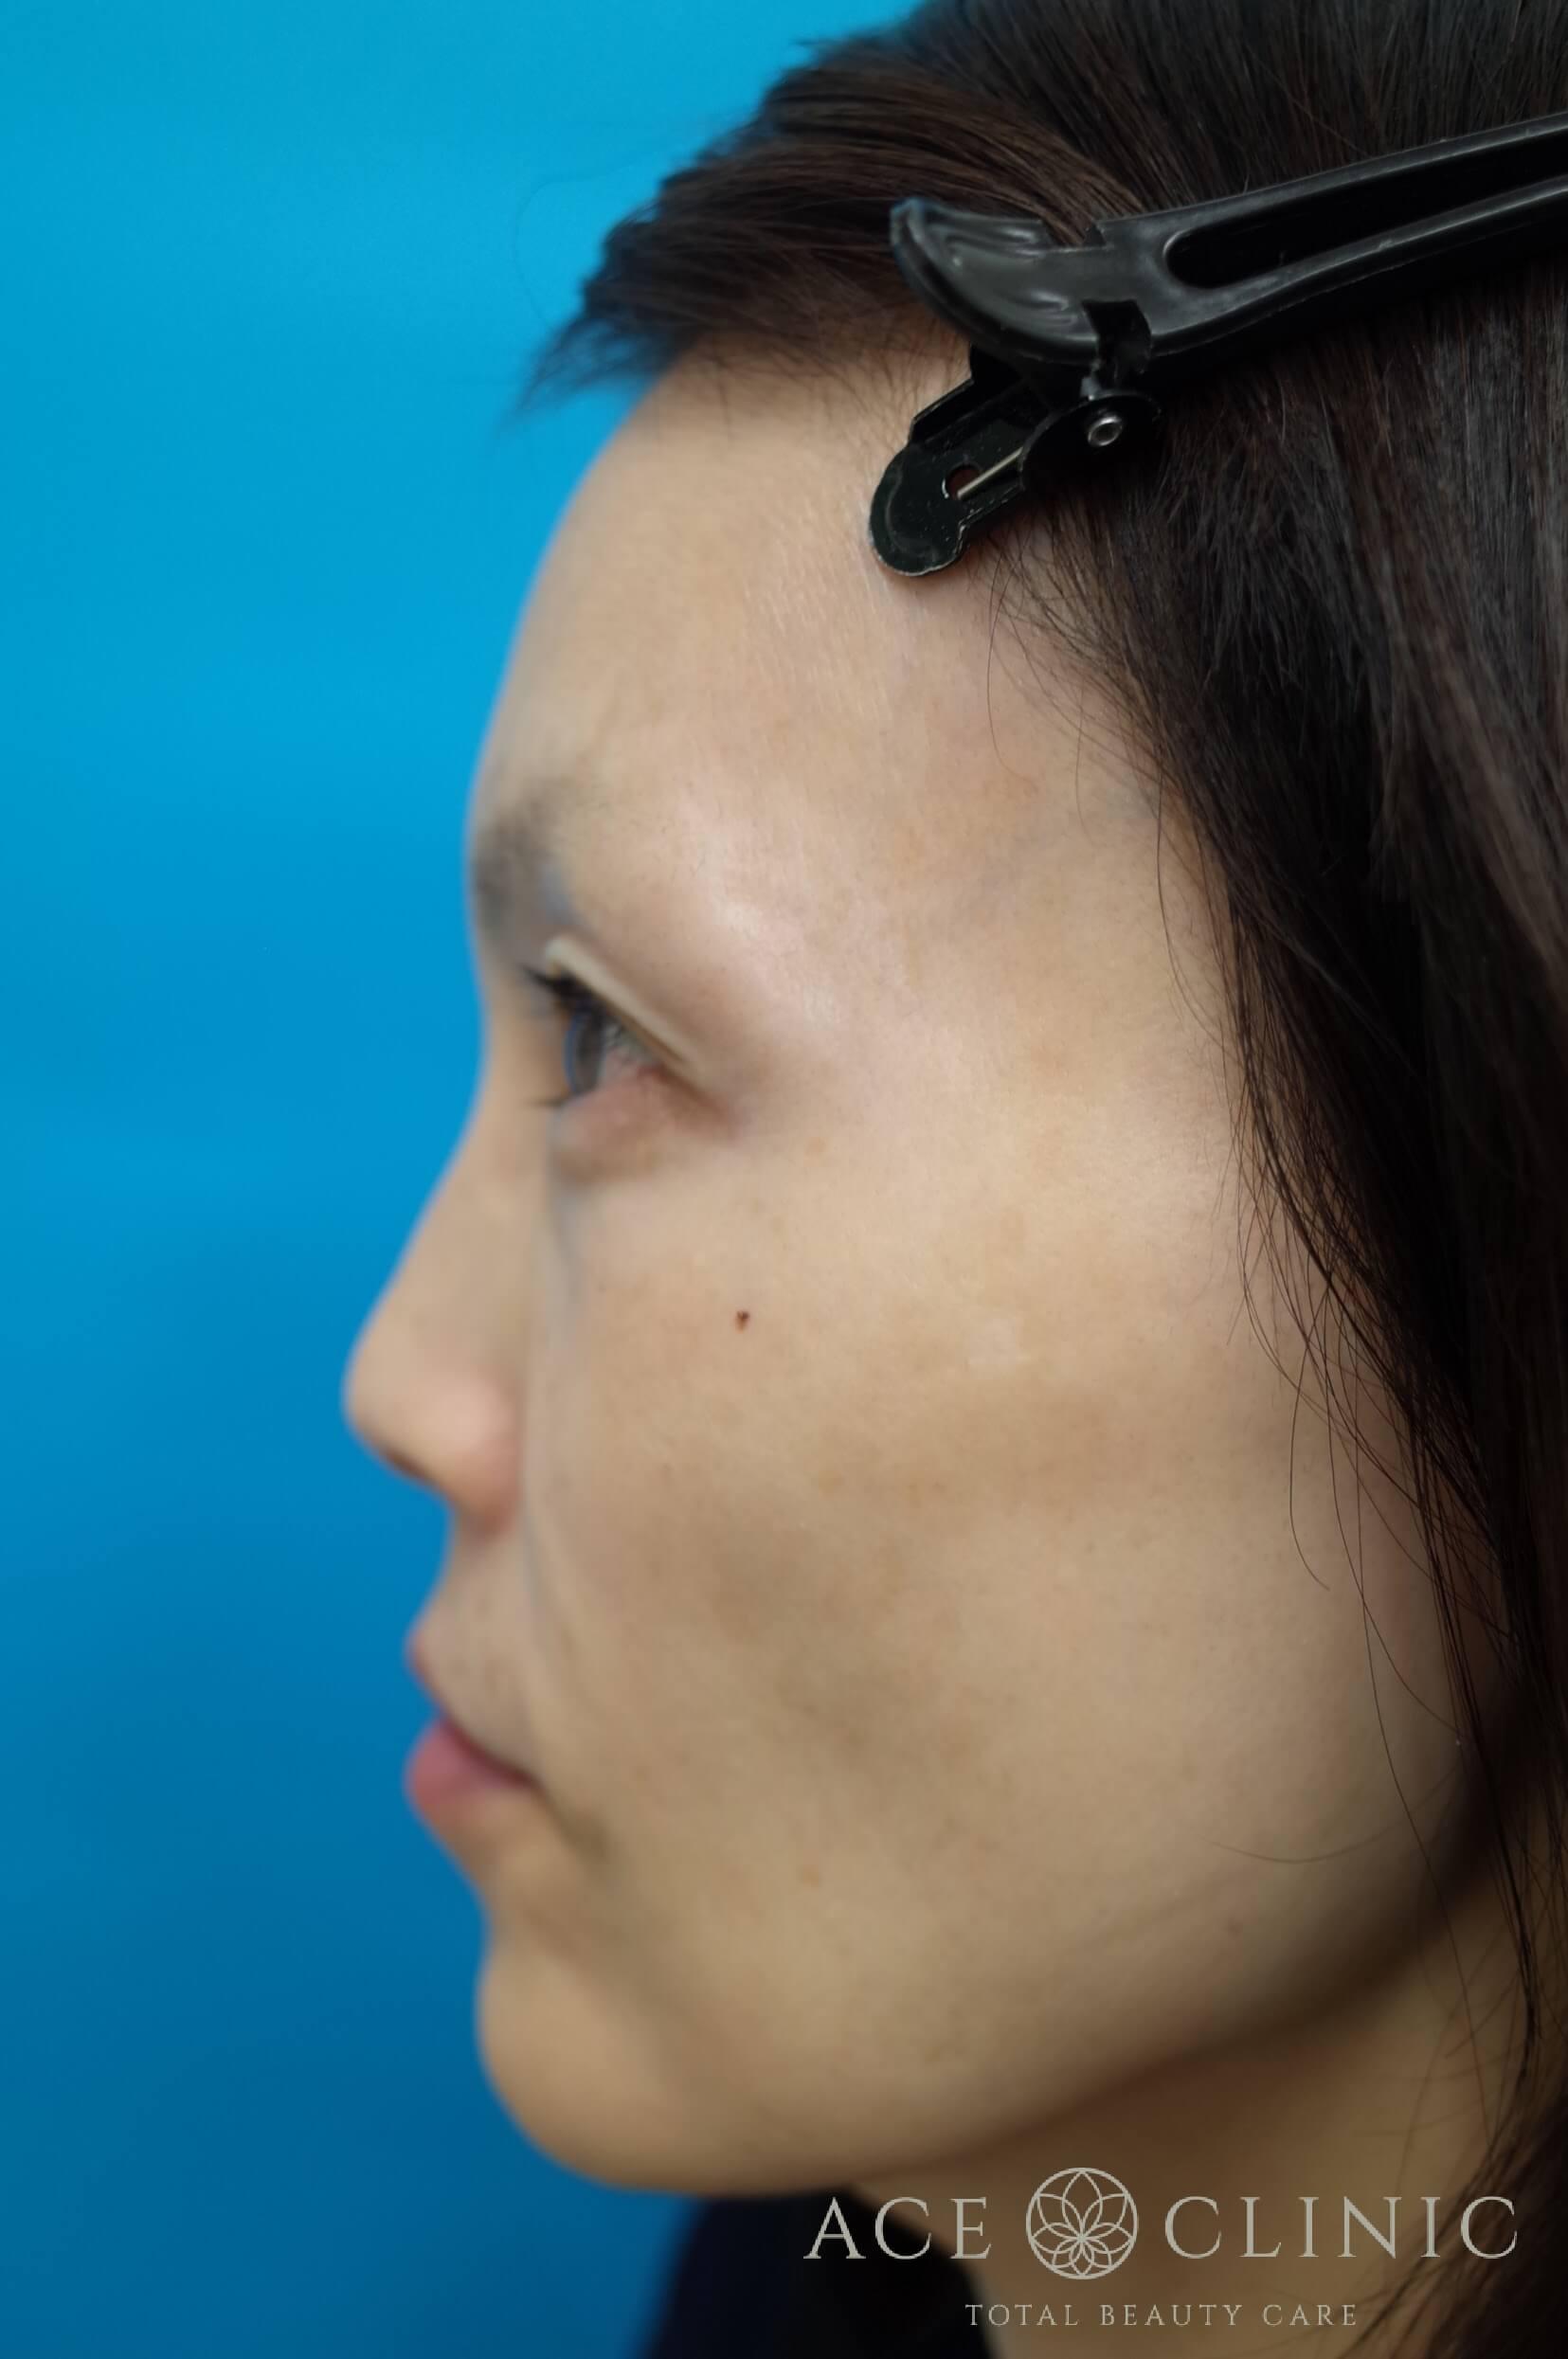 ヒアルロン酸注入(こめかみ・頬) 施術前 左横